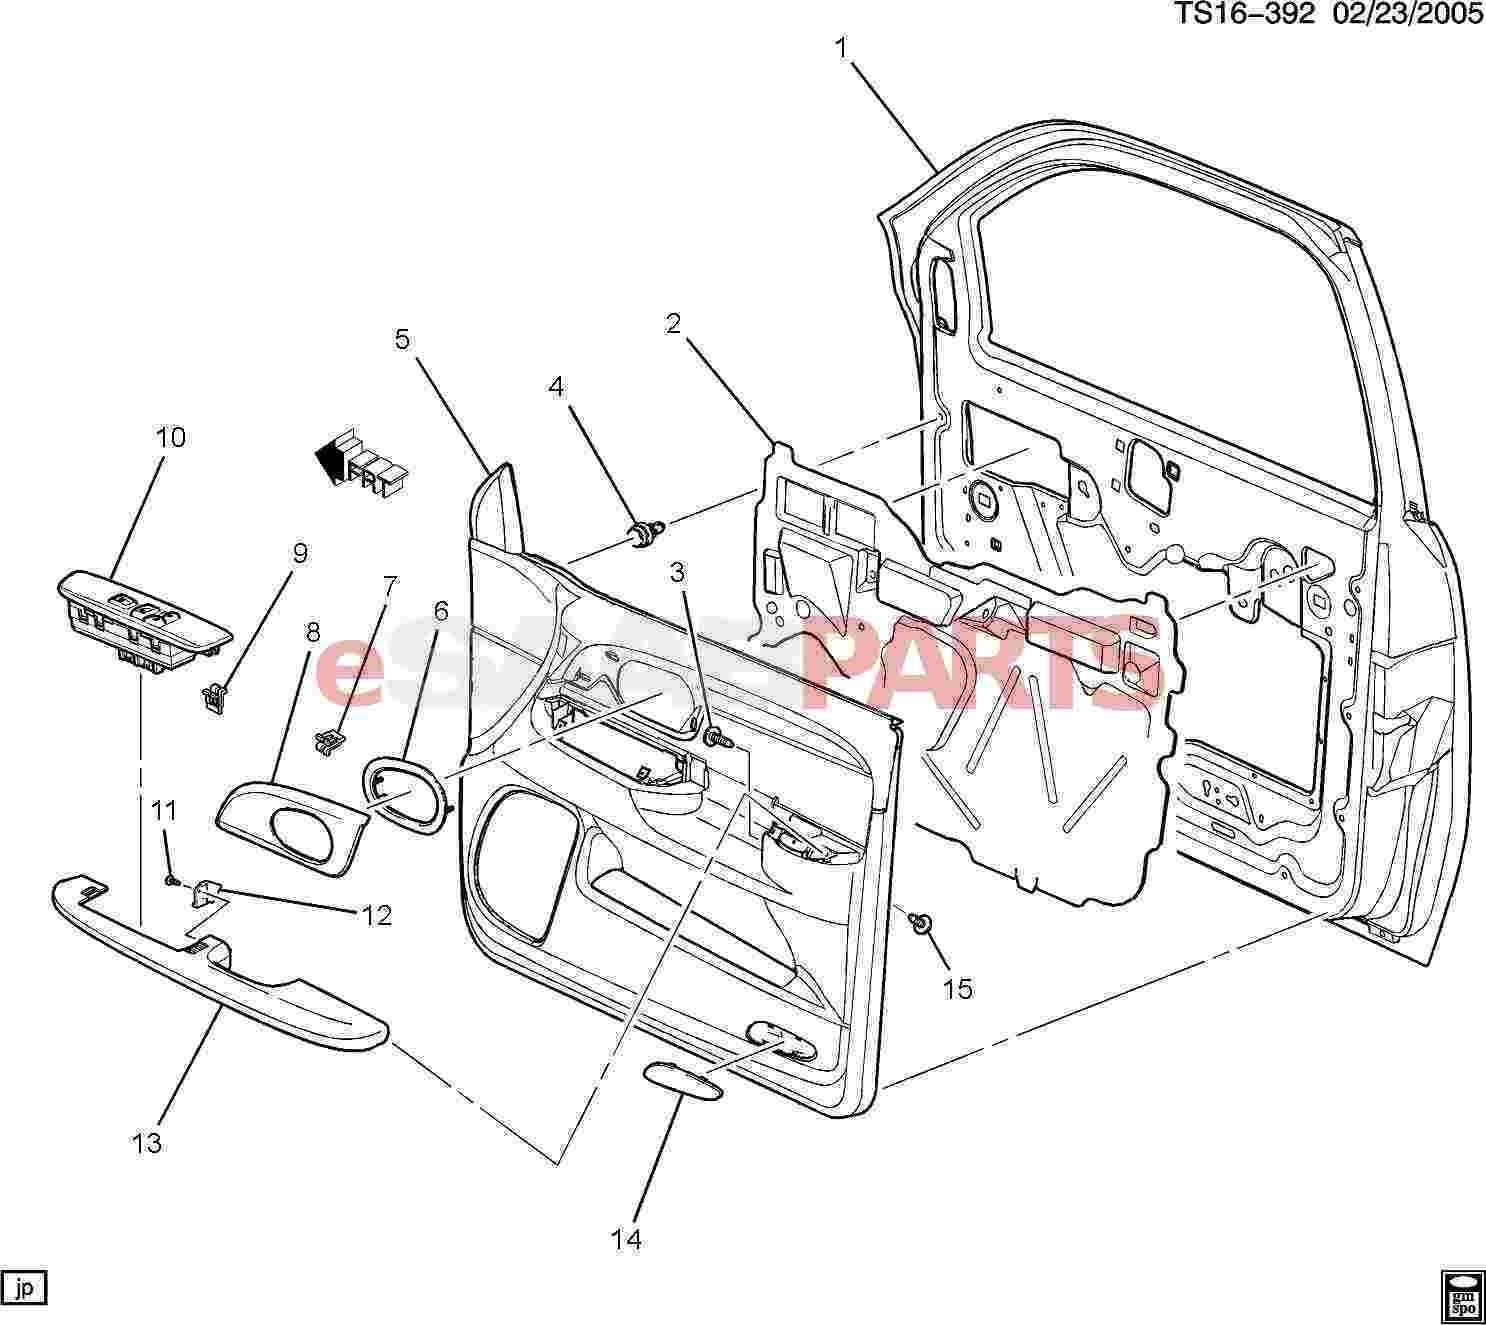 Car Door Part Diagram Esaabparts Saab 9 7x Car Body Internal Parts Door Parts Of Car Door Part Diagram